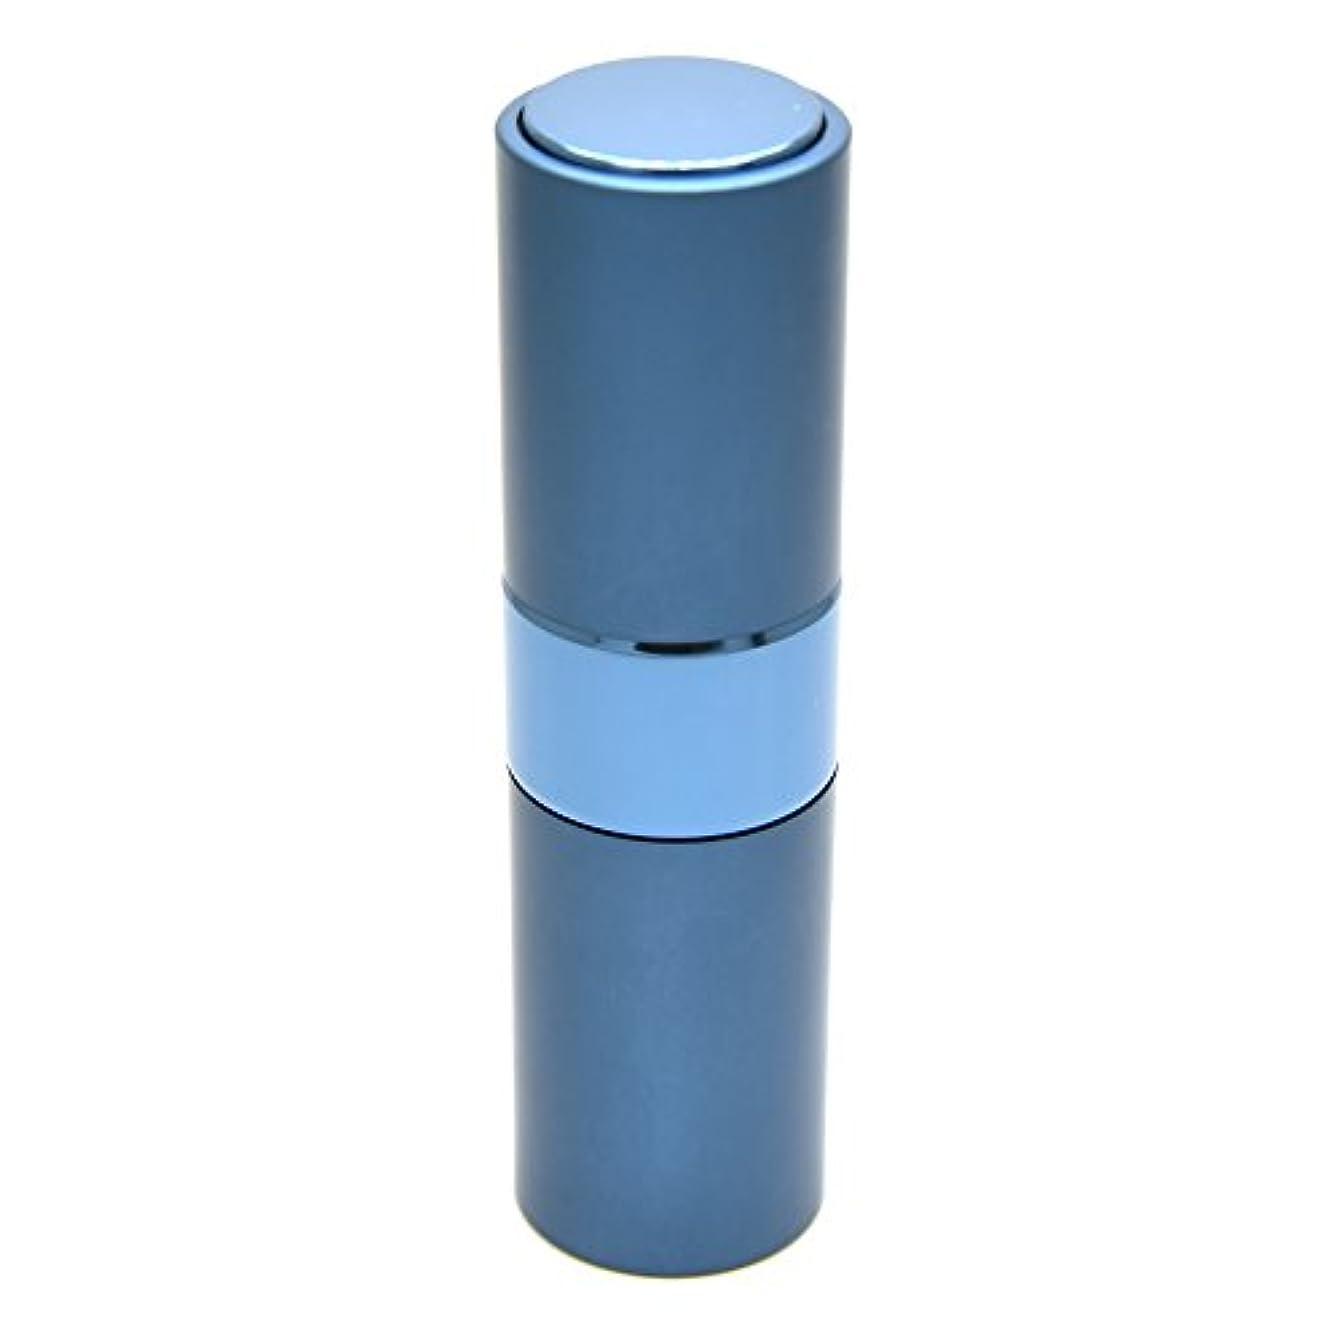 上記の頭と肩完了アトラスPrilliant 香水 アトマイザー プッシュ式 詰め替え 携帯便利 オシャレ 容量15ml (ブルー)